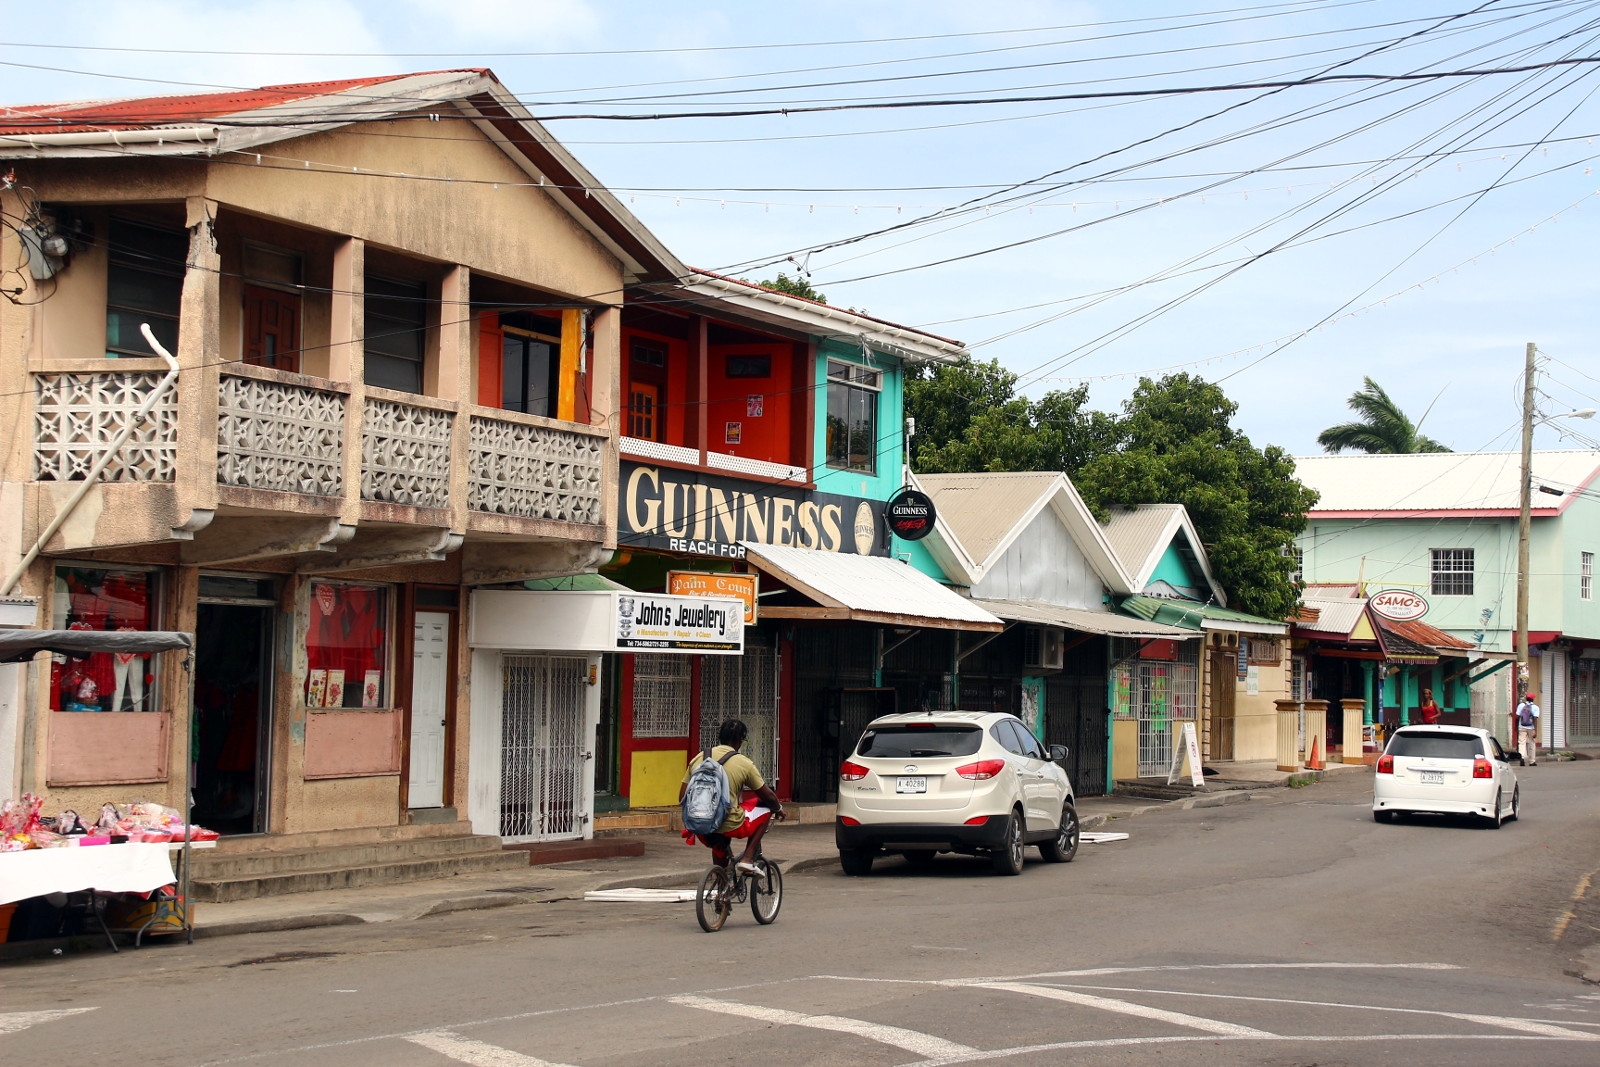 Antigua i Barbuda, była brytyjska kolonia. Ulica w St. John's